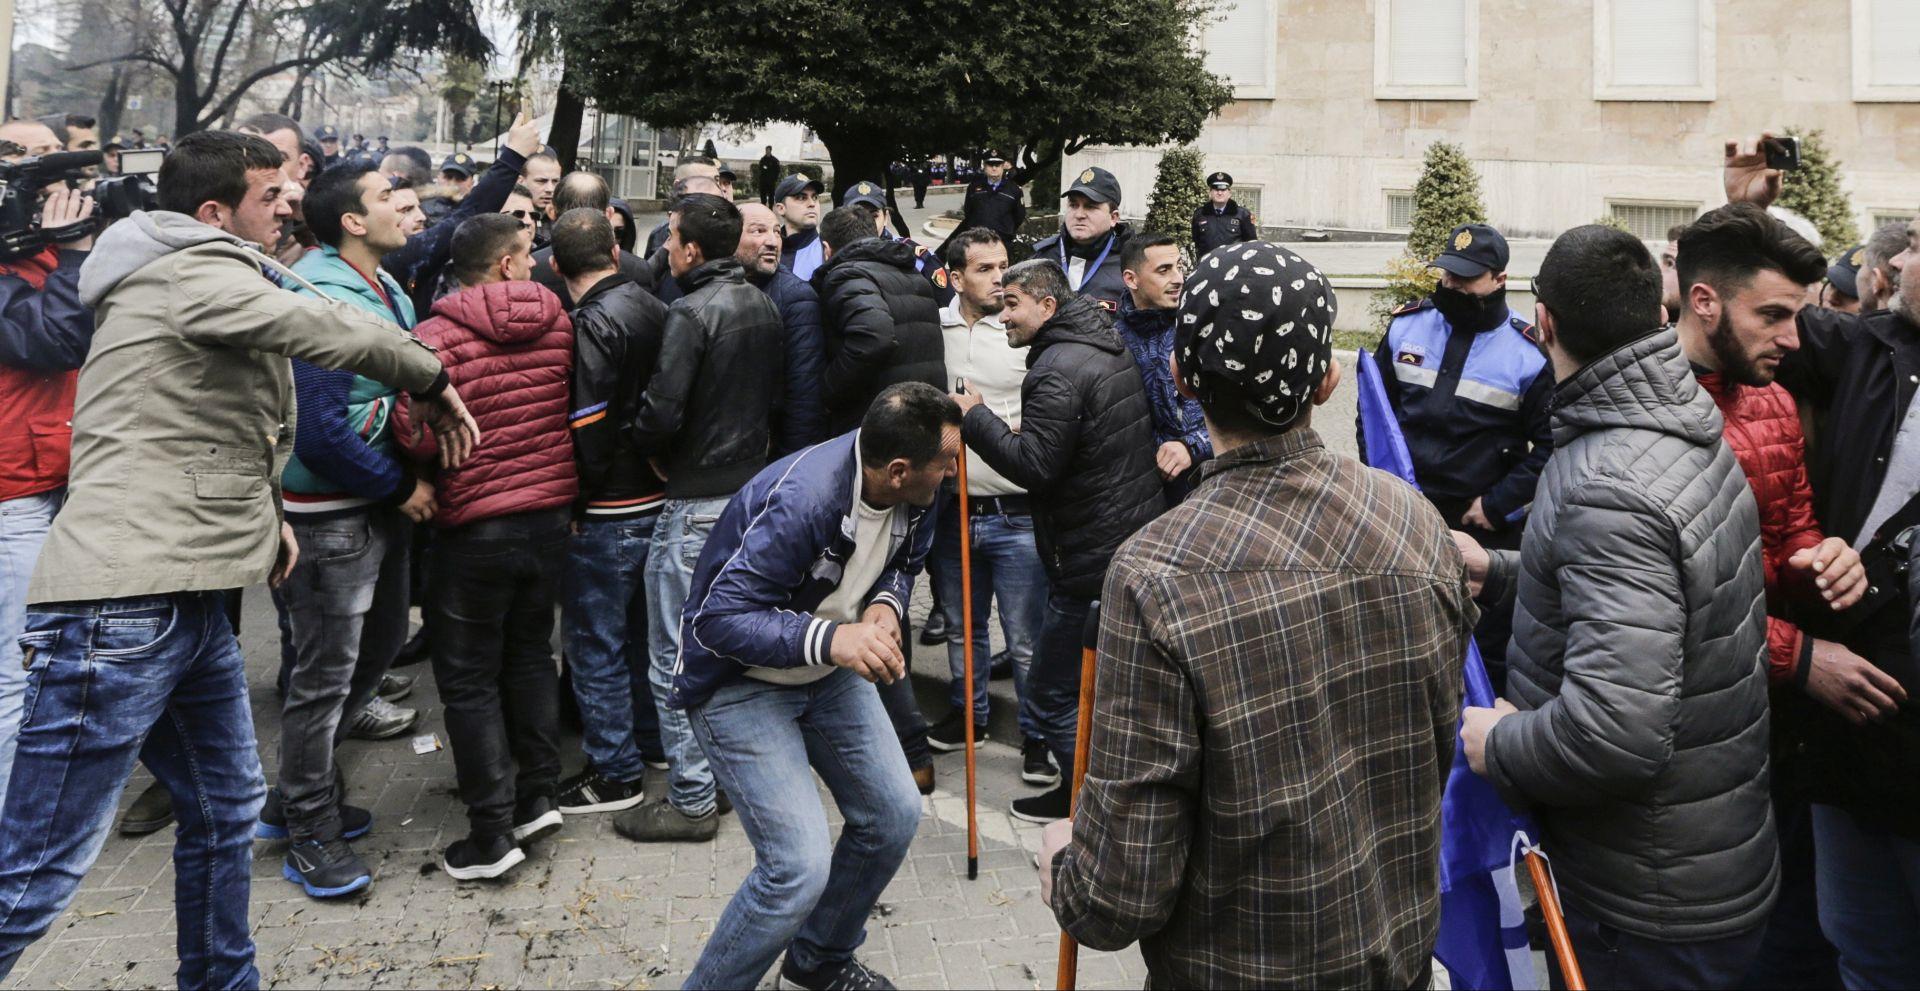 Albanska oporba prosvjeduje protiv vlade koju optužuje za korupciju